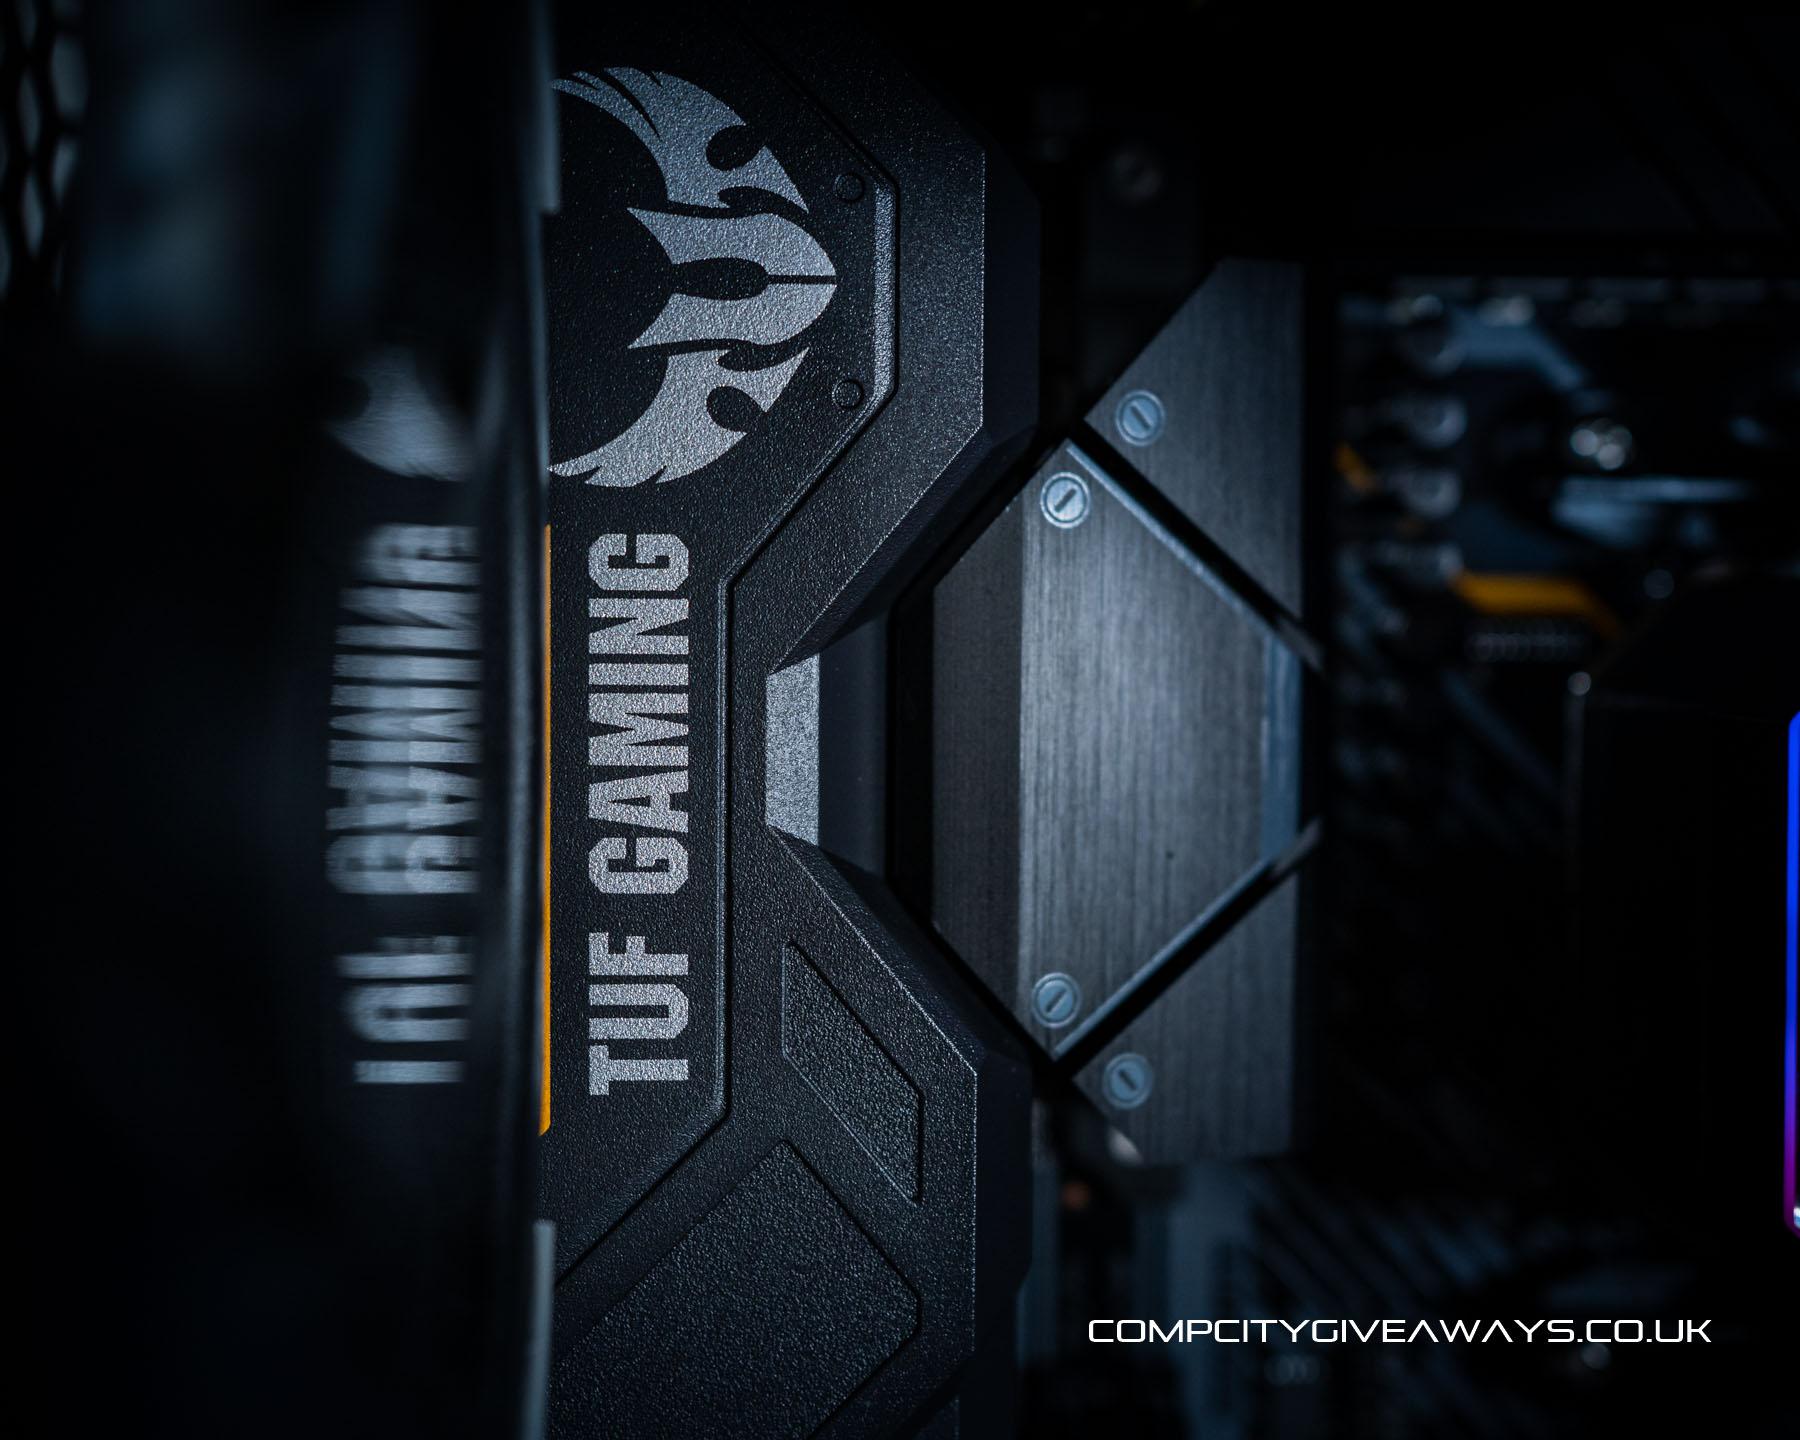 Tuf Gaming RTX 3070 PC Build